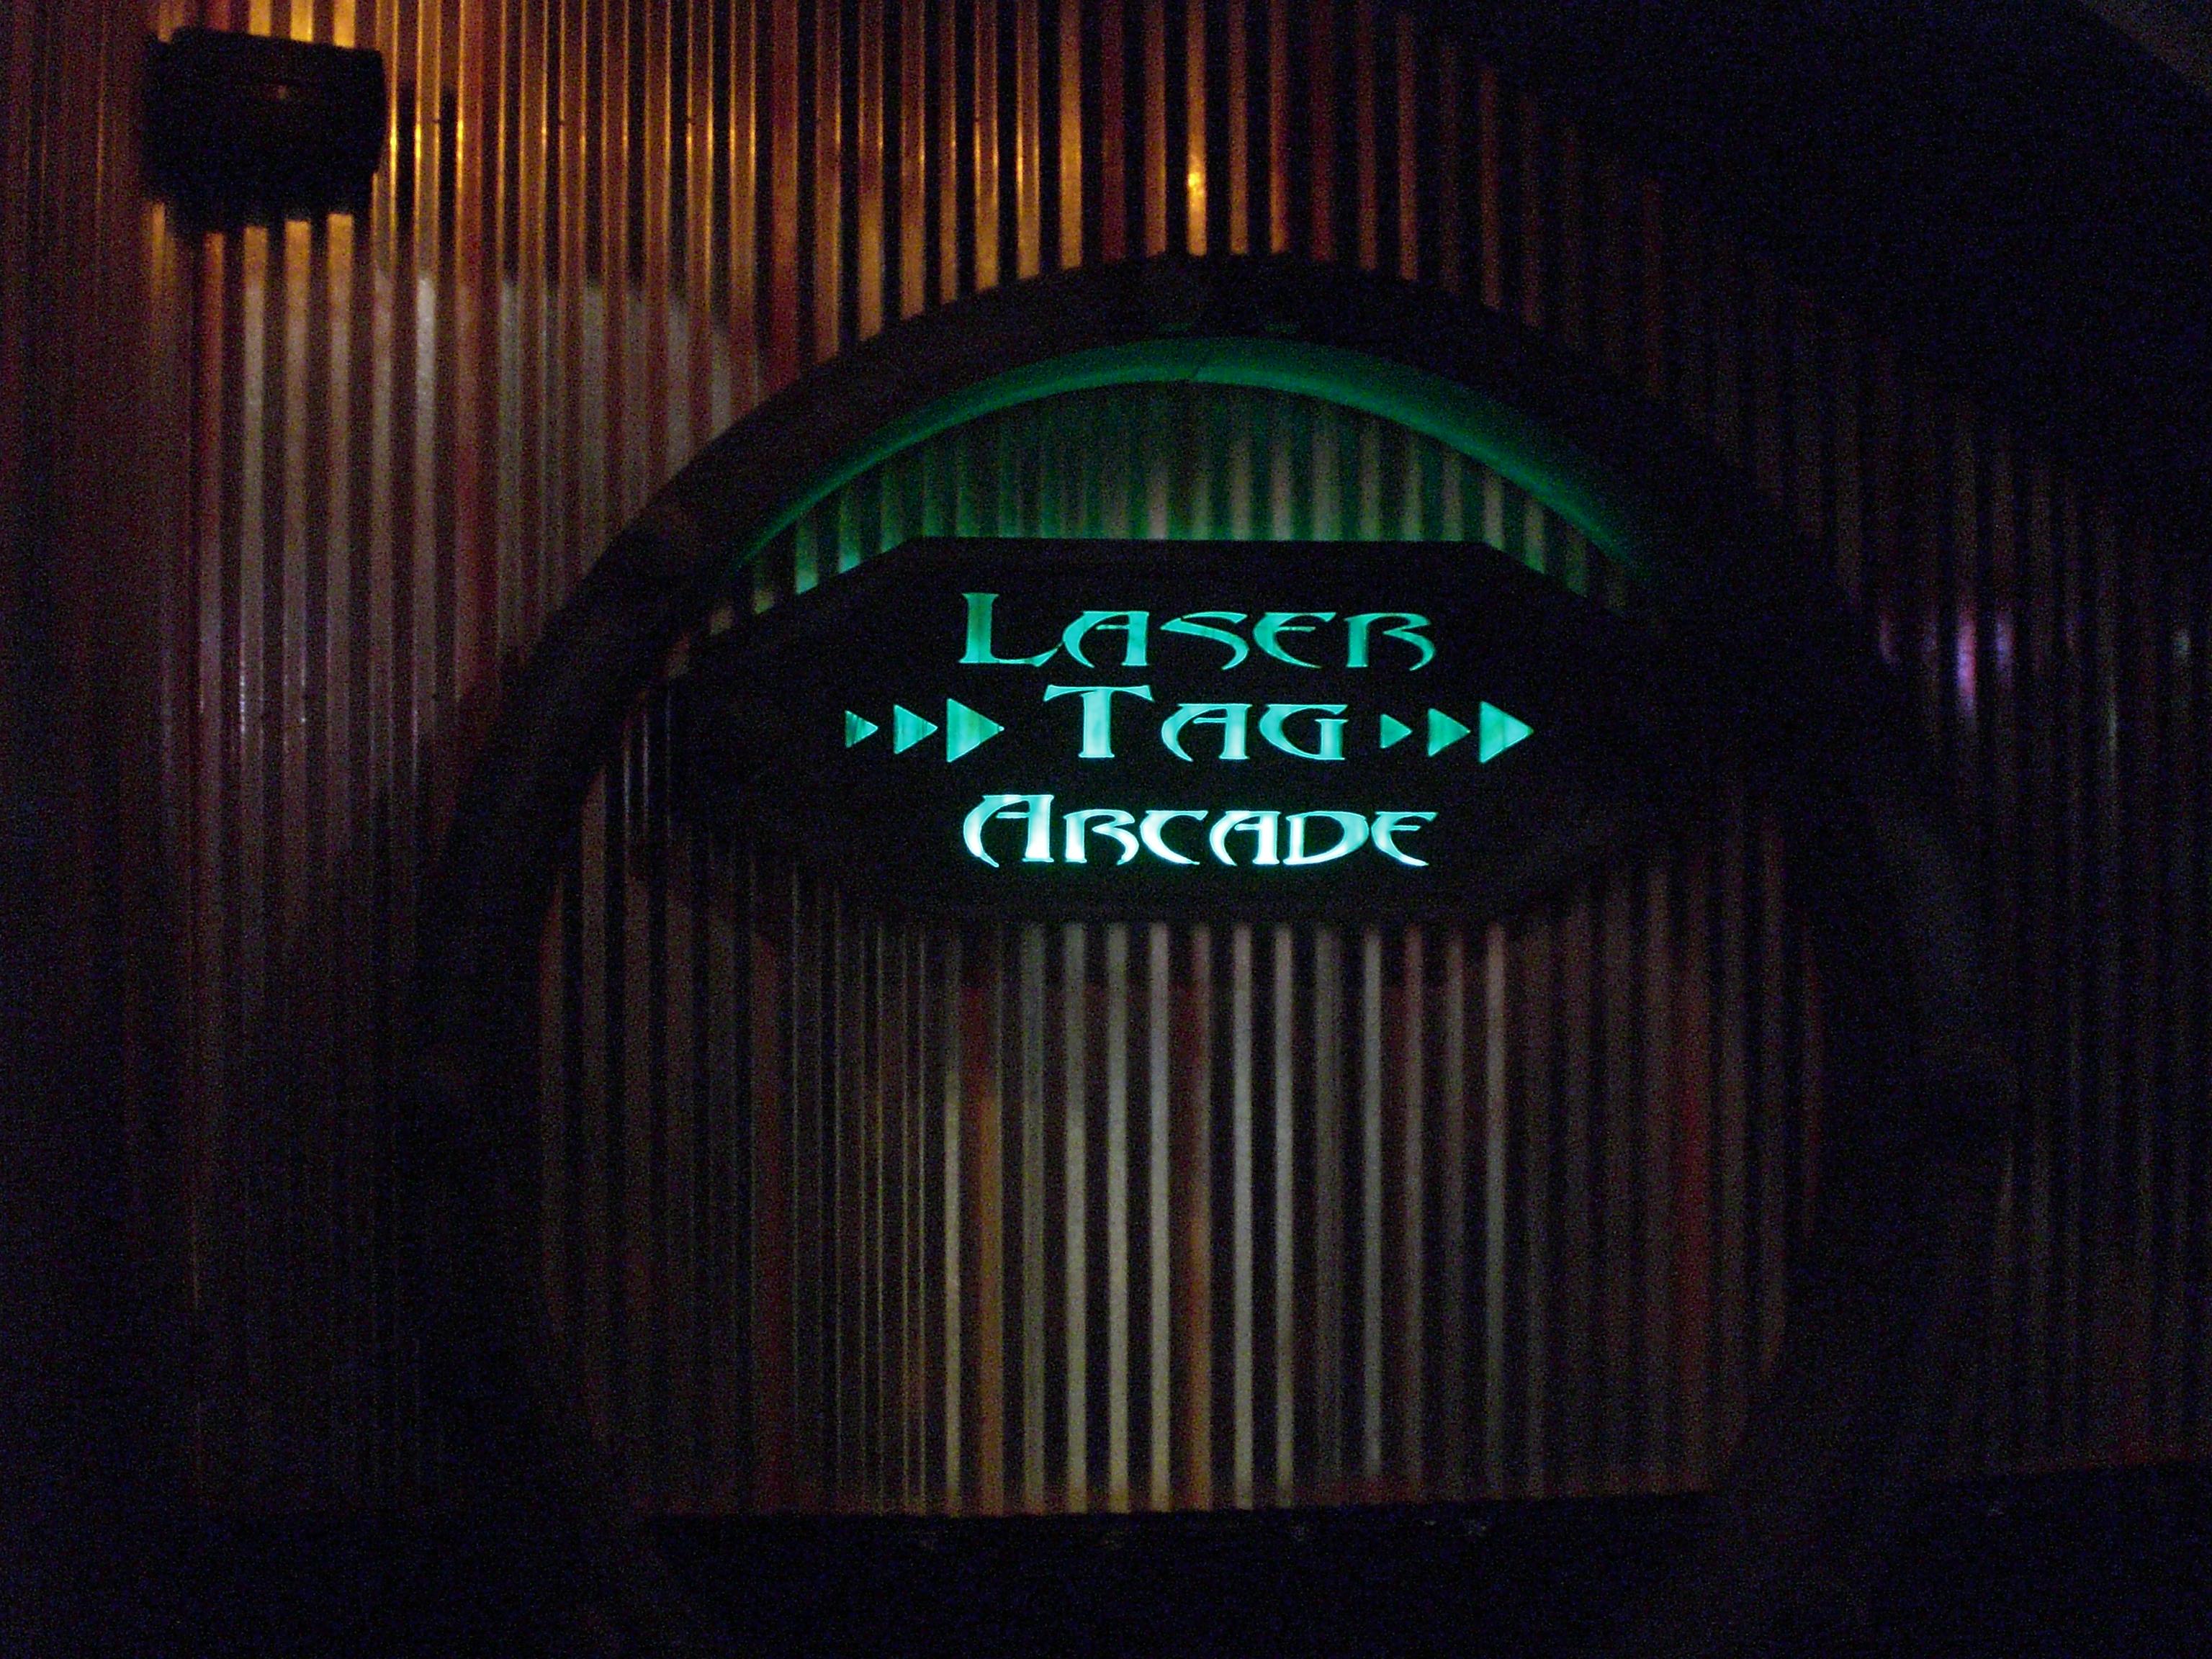 Laser Tag Sign